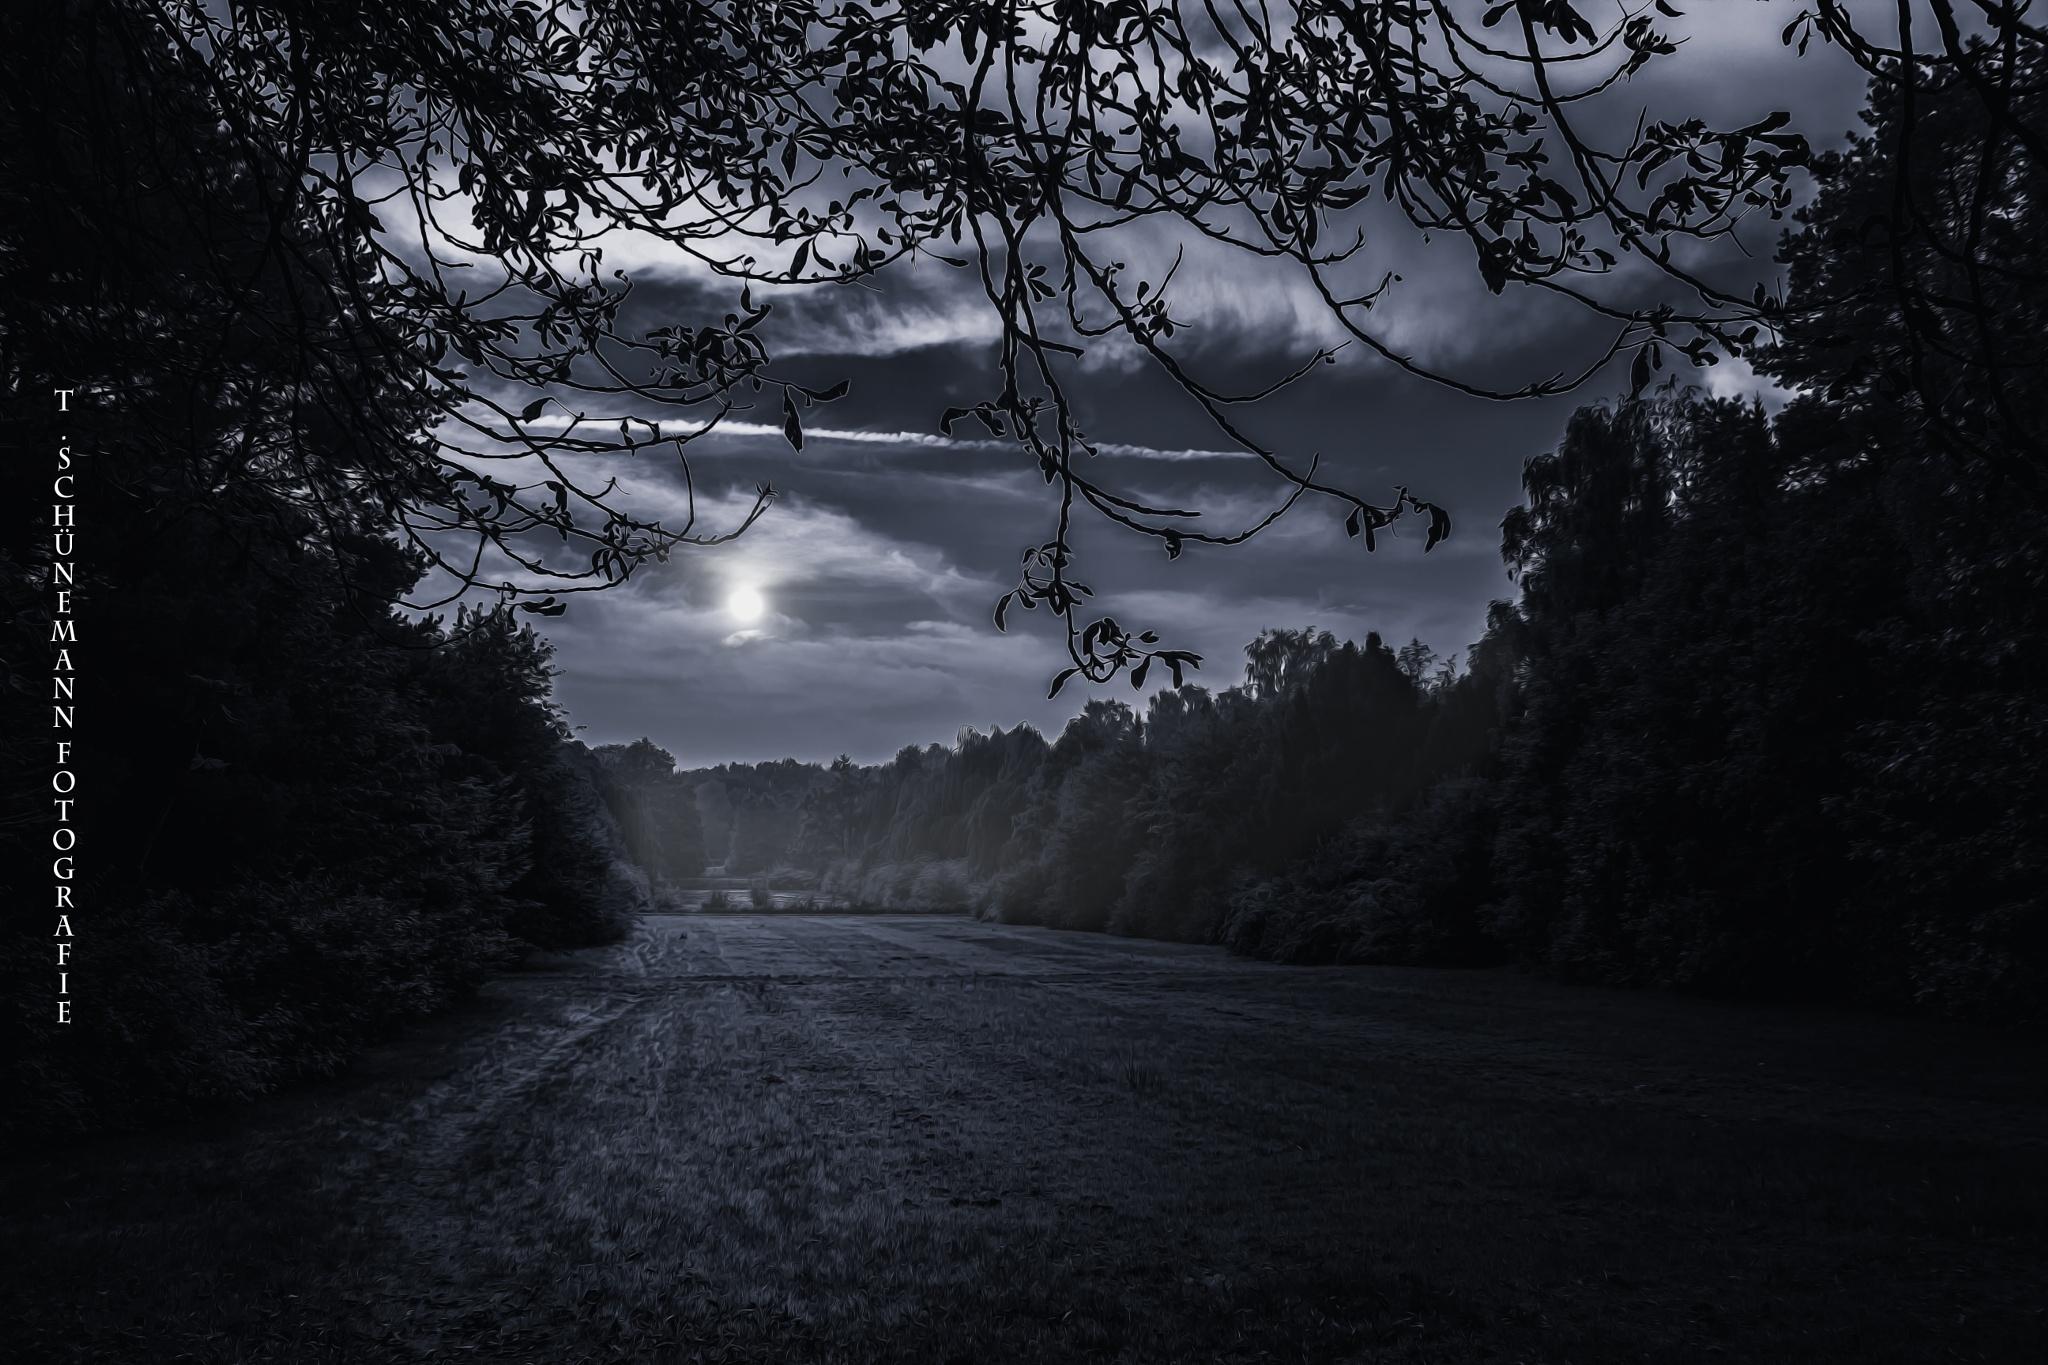 Night Shift by Thorsten Schünemann